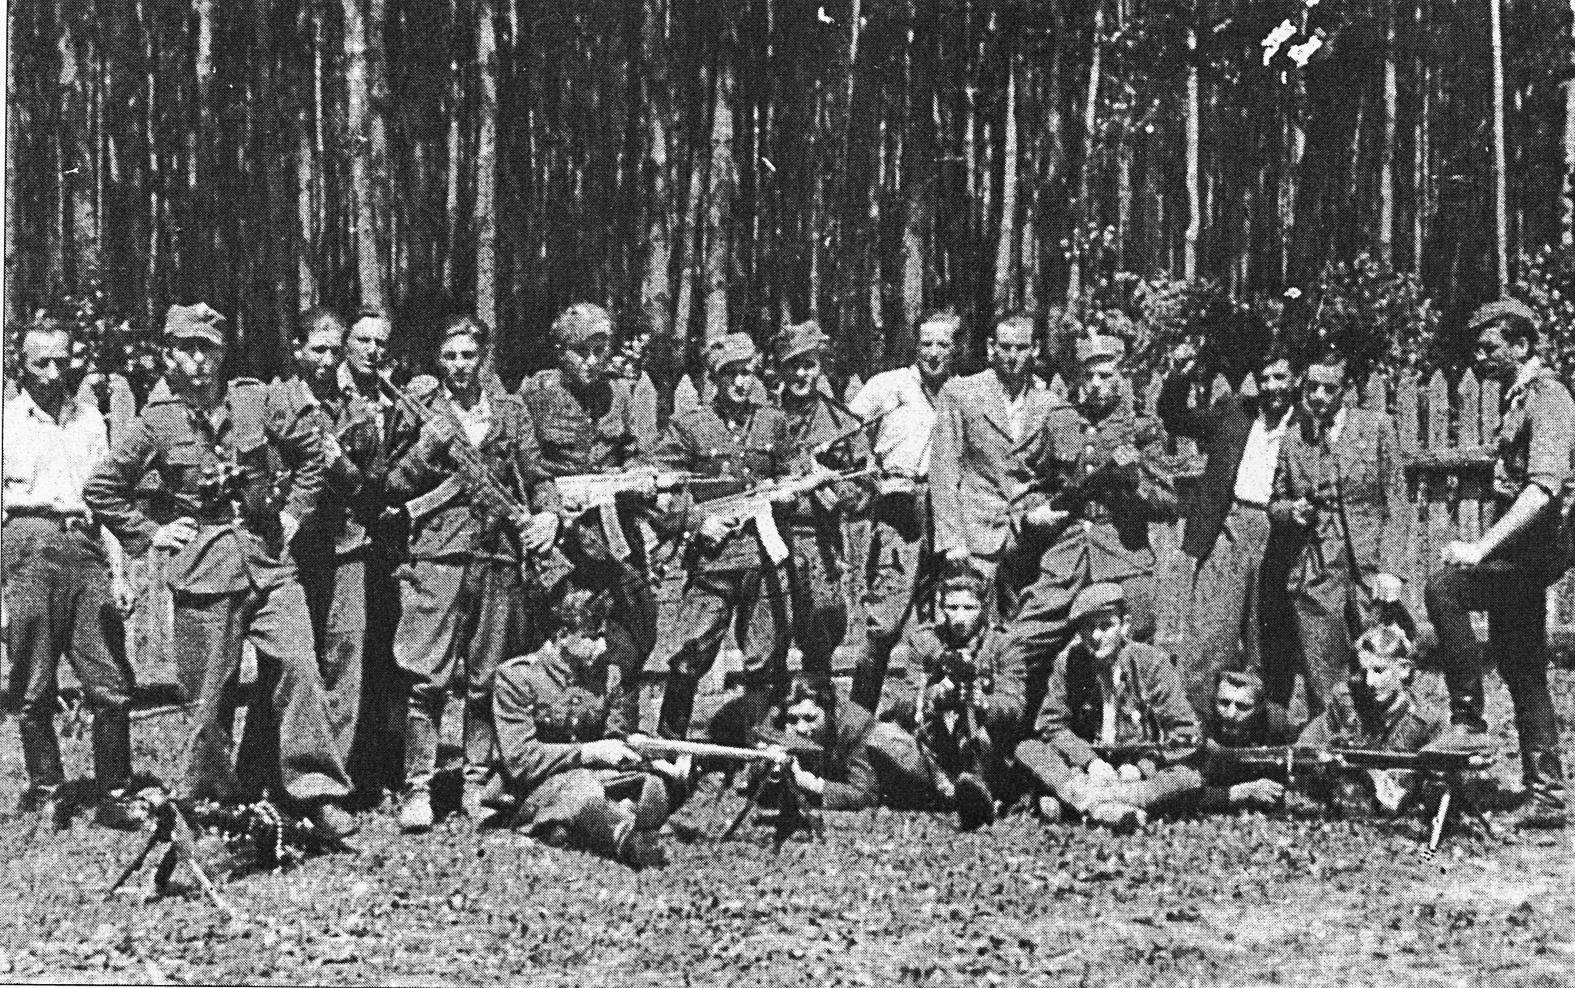 """""""Bernaciak csapatai – noha a fegyverzetük elmaradottabb volt – több kisebb sikert arattak, és 1945. április 24-én Puławy városában"""" #moszkvater"""